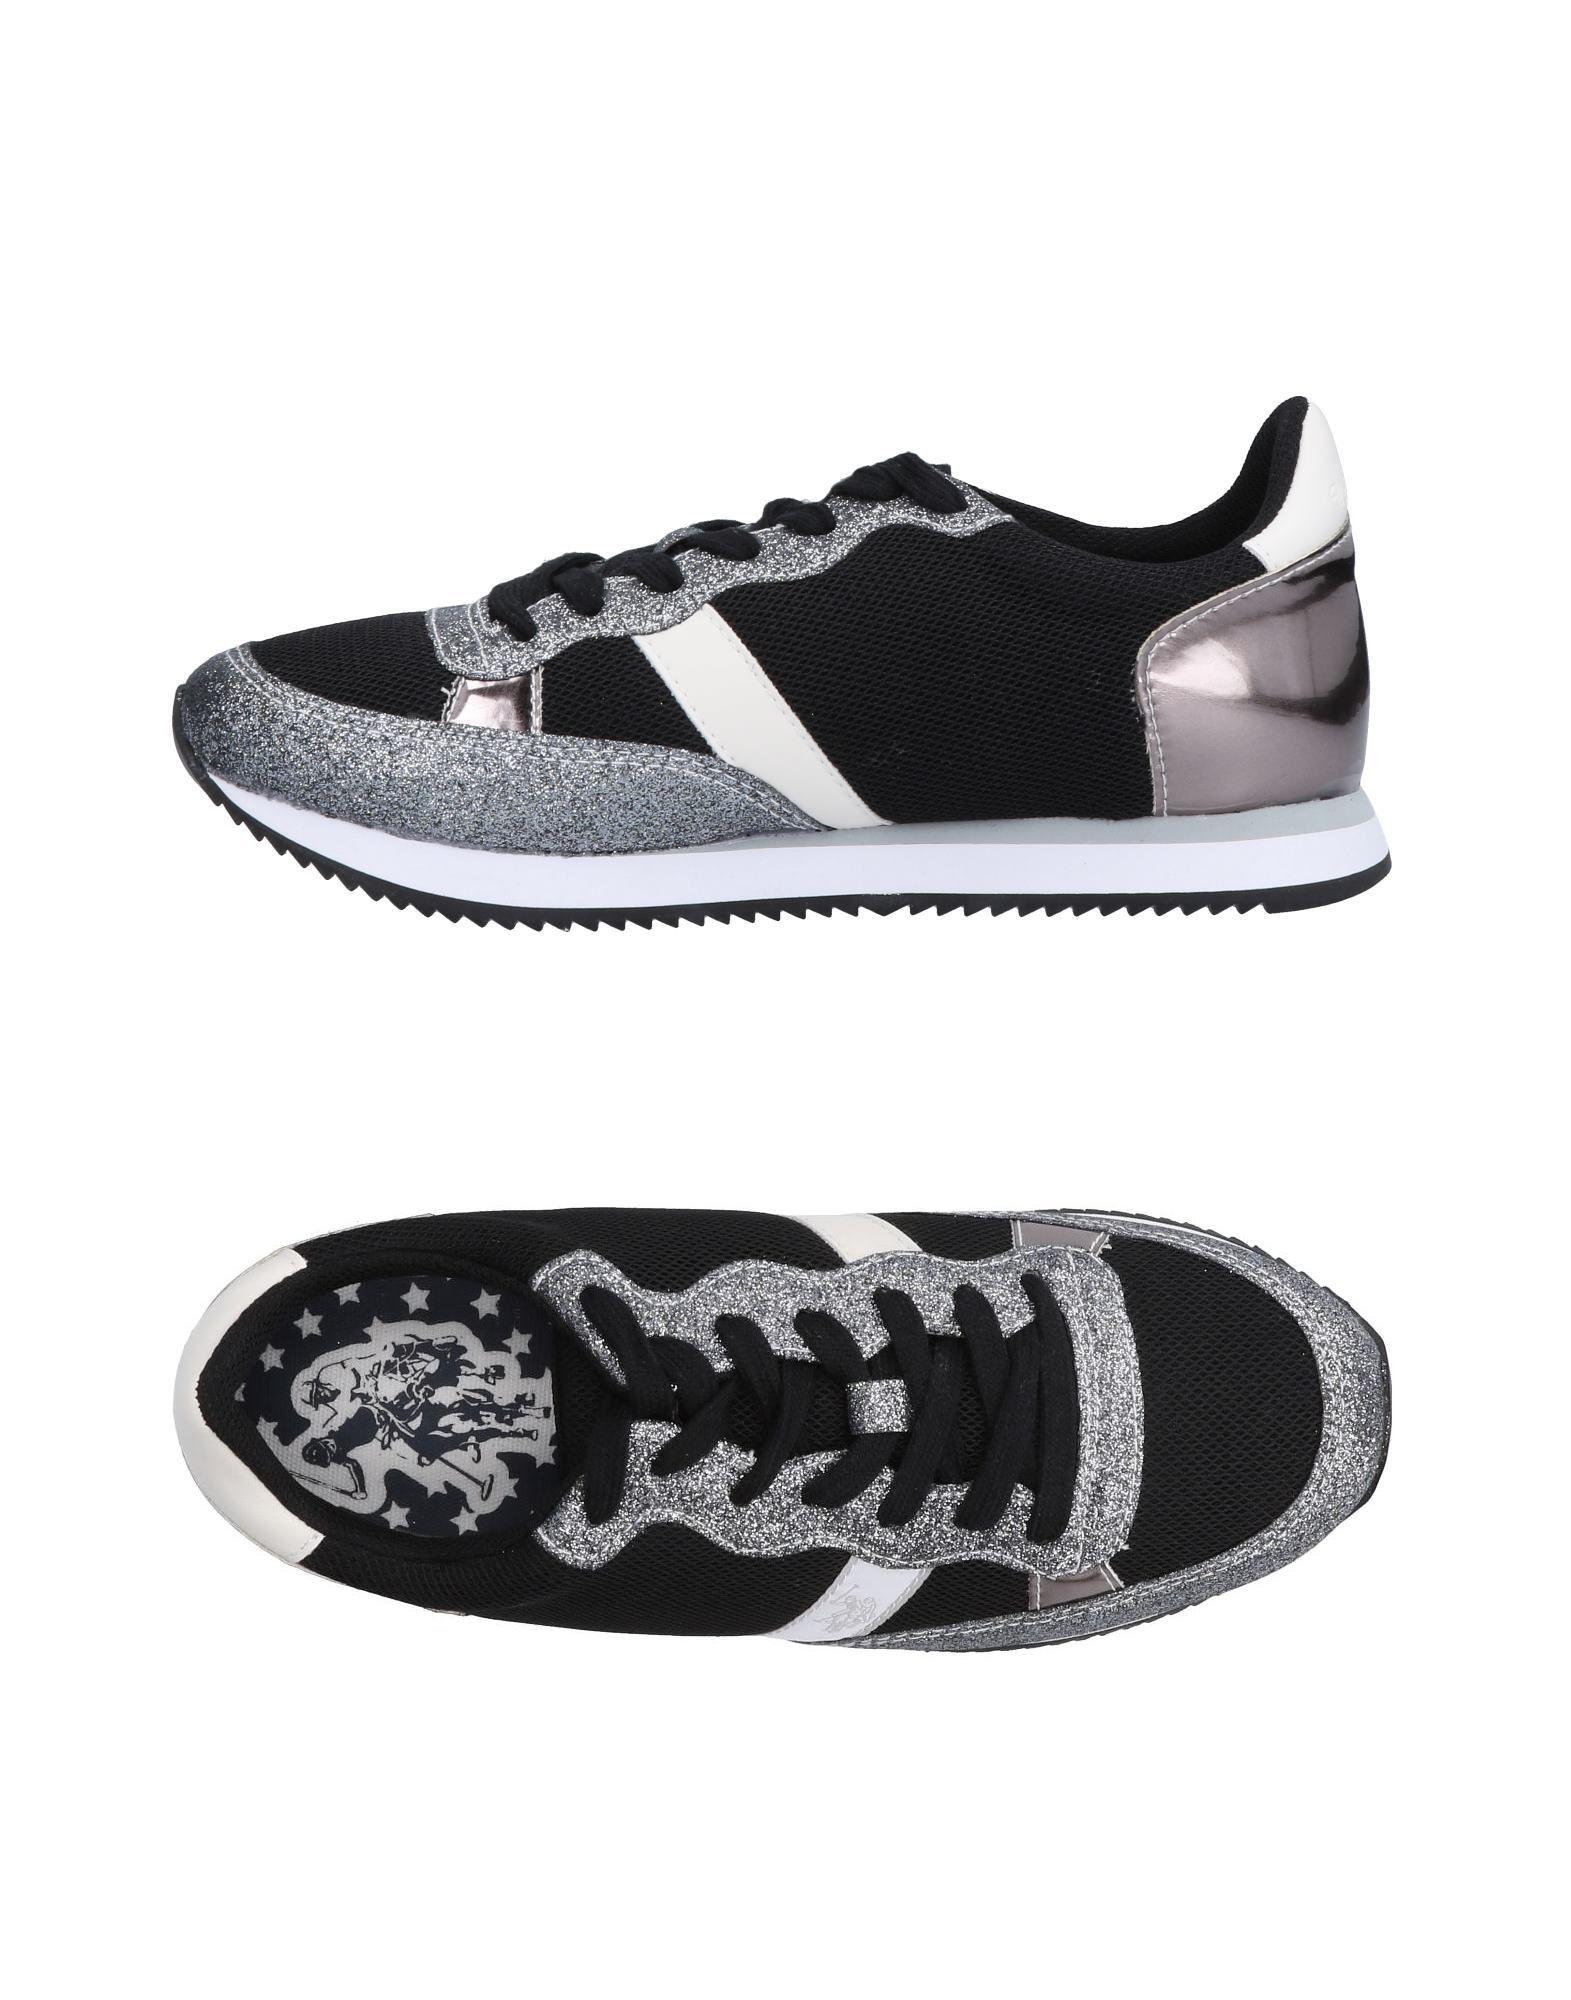 U.S.Polo Assn. Sneakers Damen  11491877OT Gute Qualität beliebte Schuhe